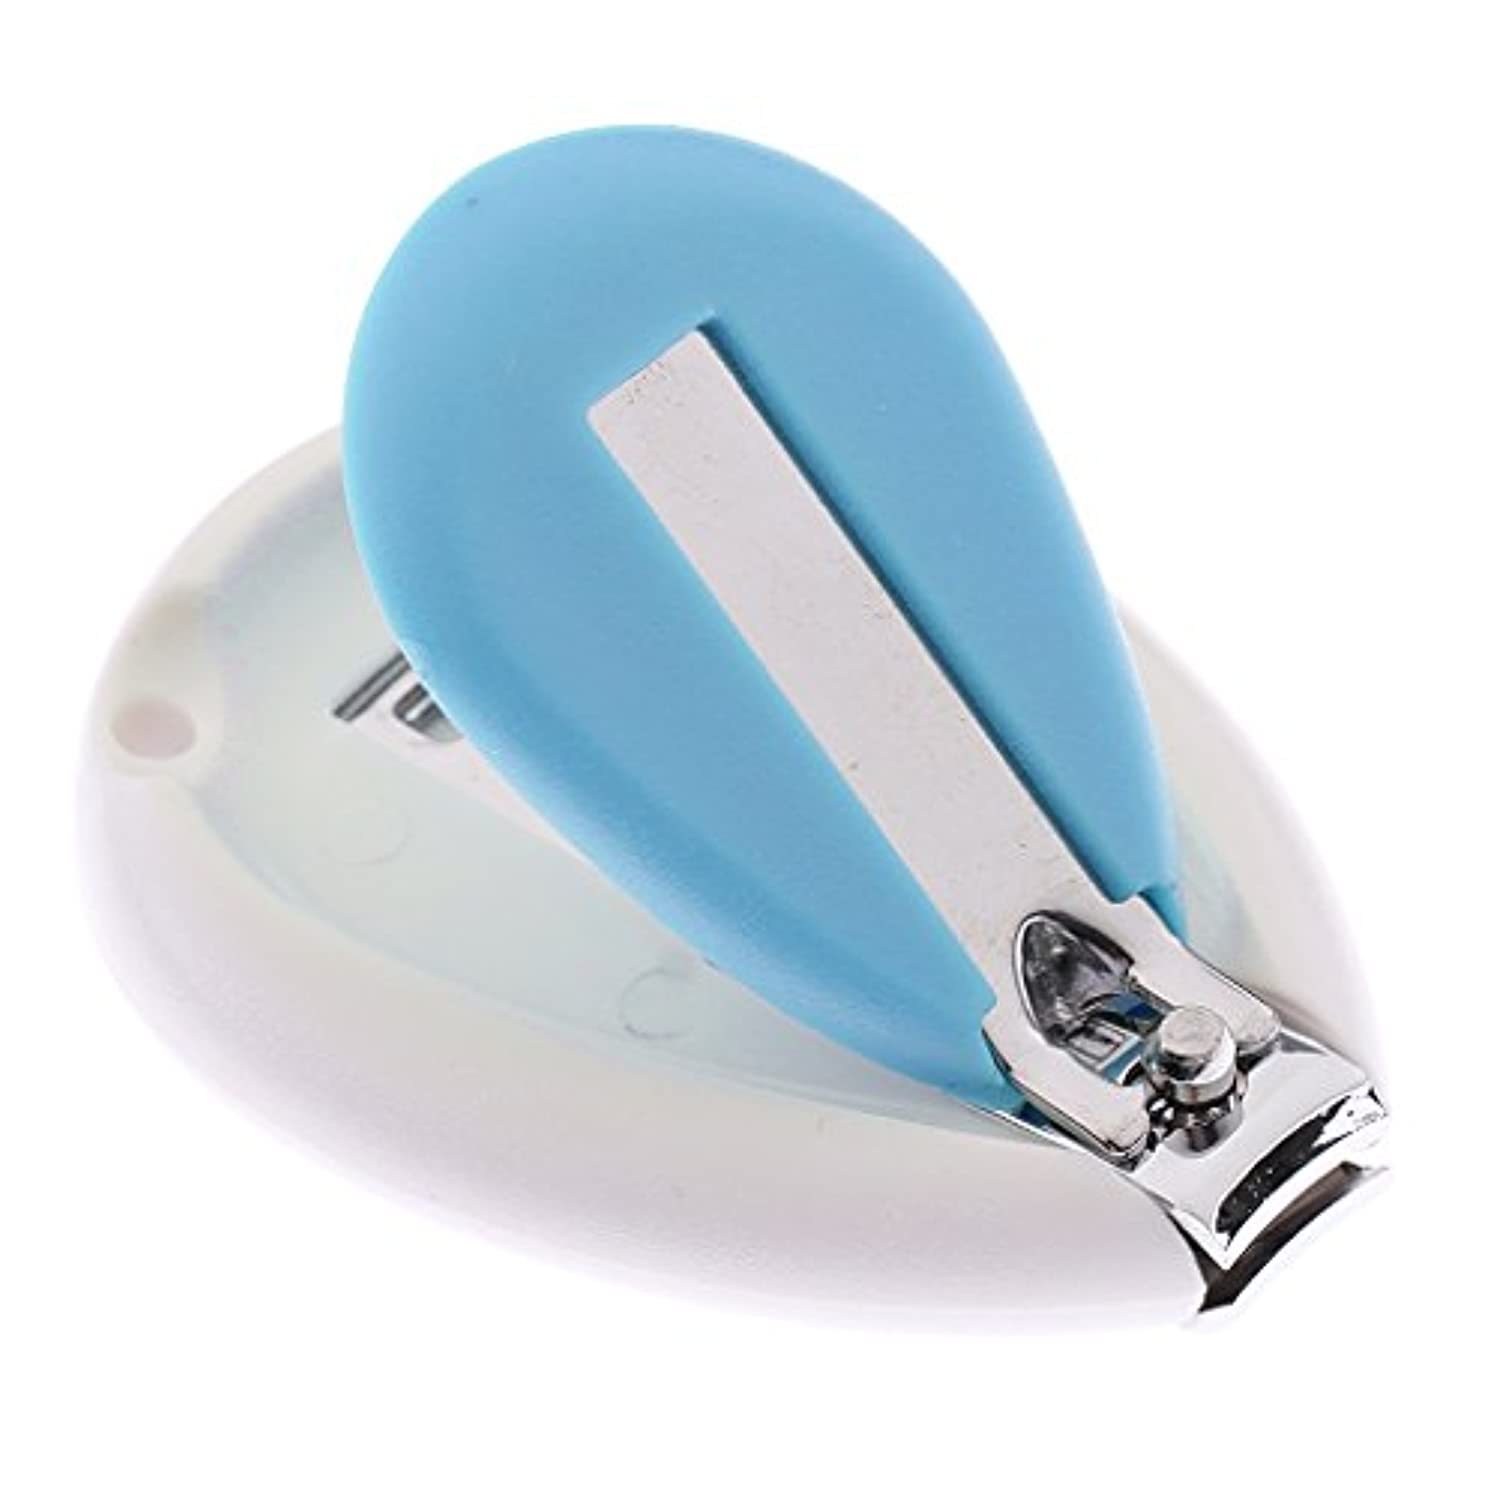 皮肉な解放マエストロGRALARA キッズ 赤ちゃん ネイル クリッパー はさみ トリマー カッター 安全 人間工学 全3色 - 青